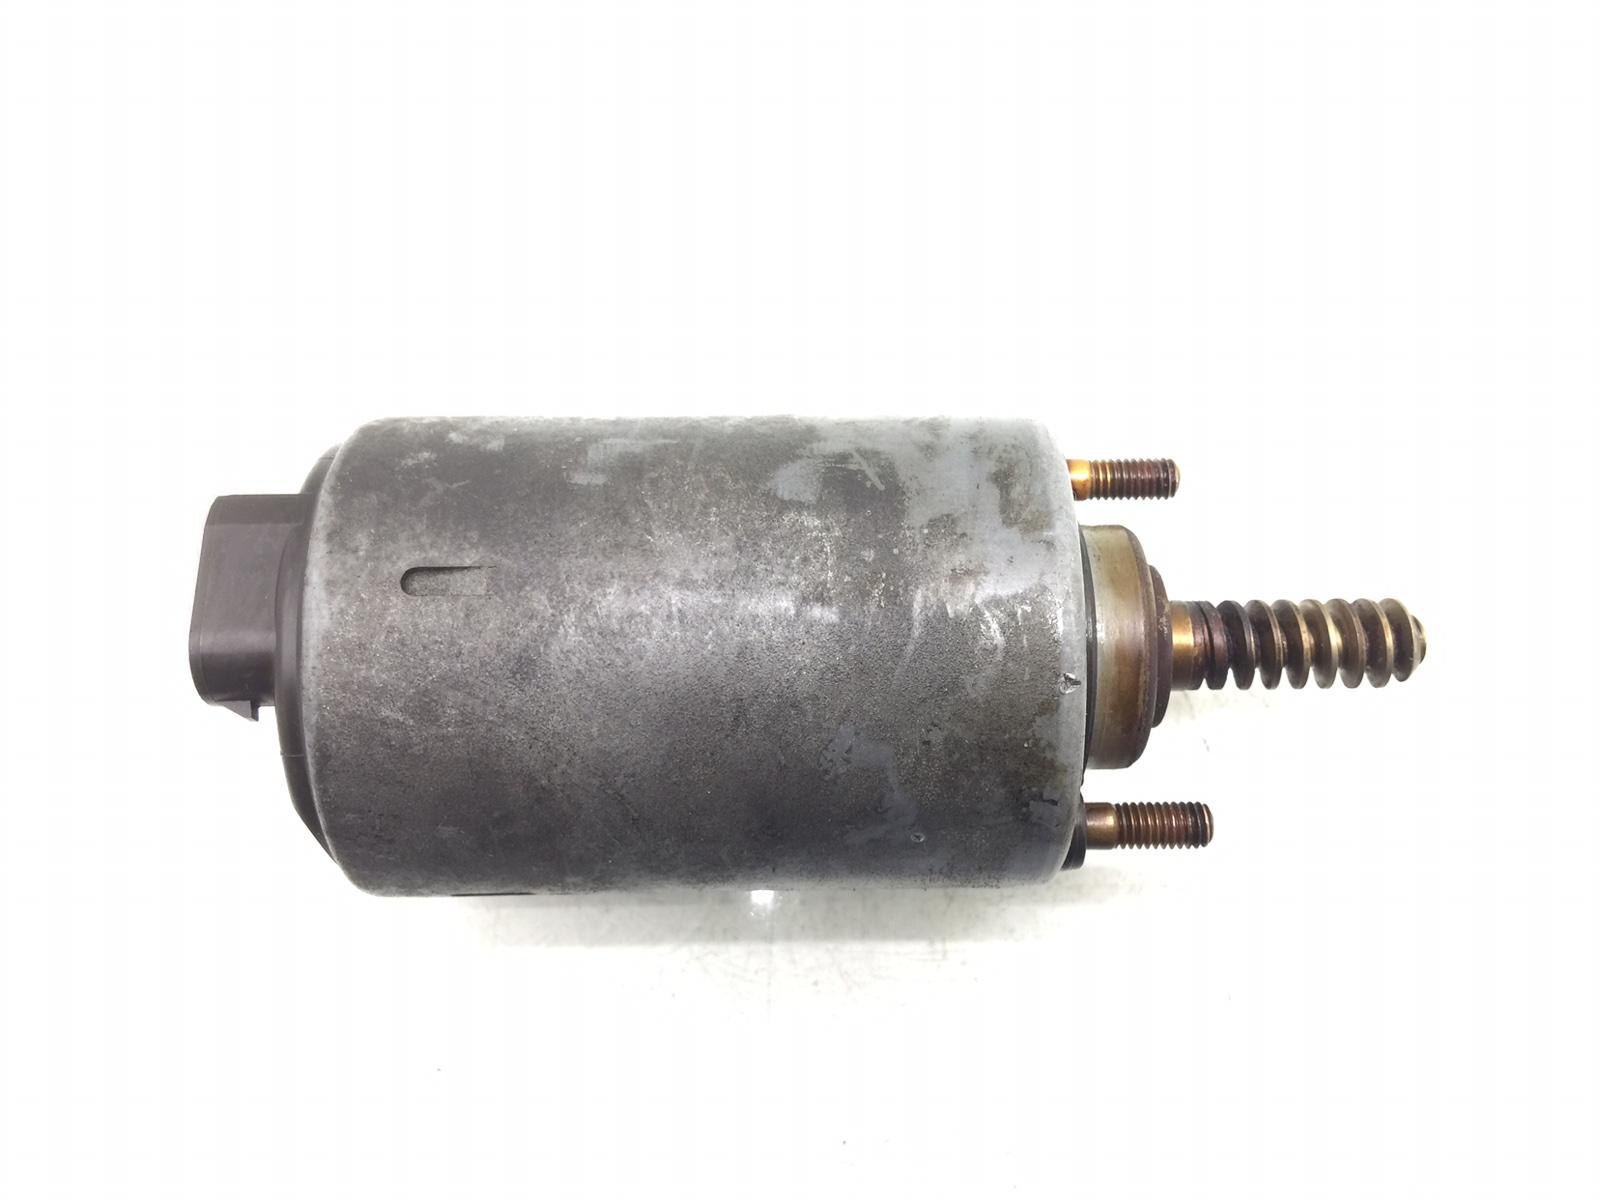 Моторчик vvt (эксцентрикового вала) Bmw 3 E46 2.0 I 2001 (б/у)